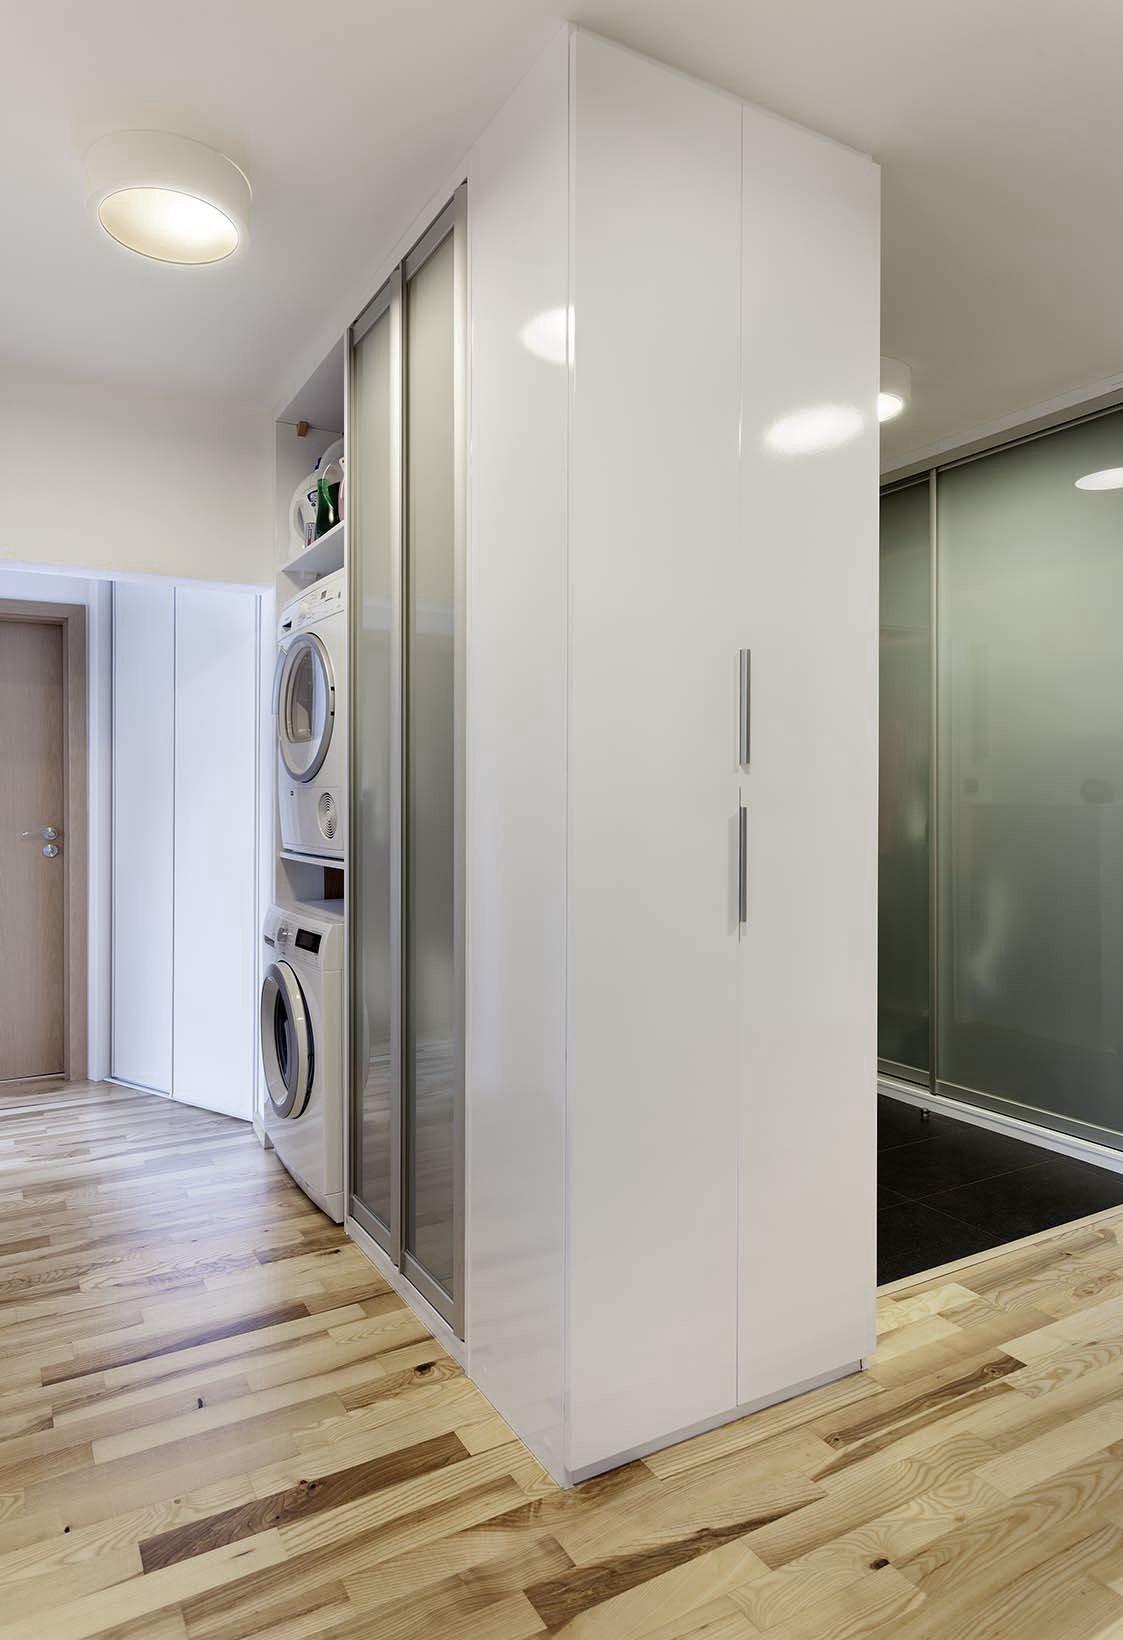 Mladý pár chtěl navrhnout komplet celý byt 2 kk o rozloze 70 m2. Hlavní obytným prostorem je spojená kuchyně s obývací částí, kde předěl vytváří středová stěna…